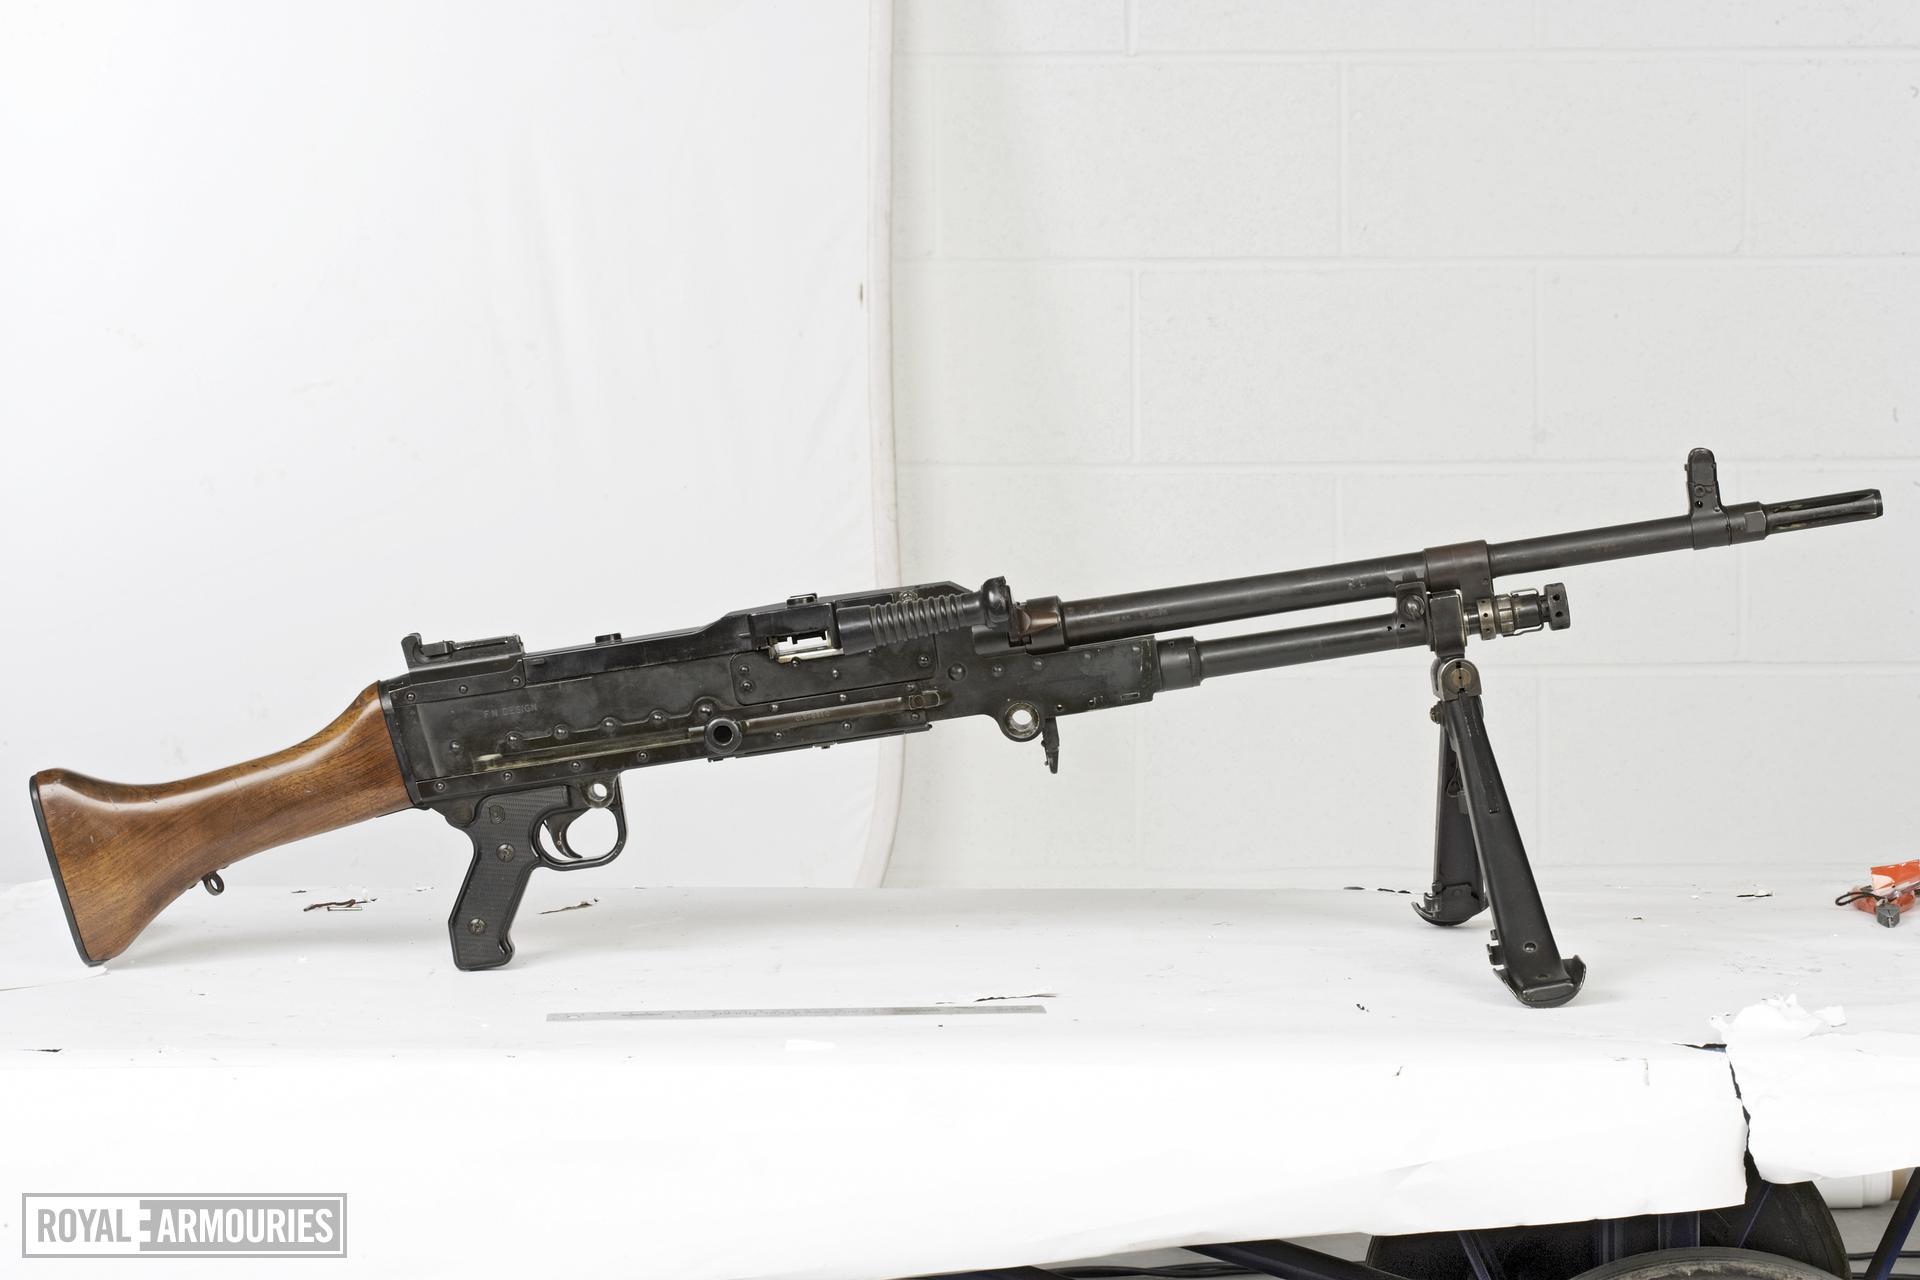 Centrefire automatic machine gun - GPMG FN L7A1